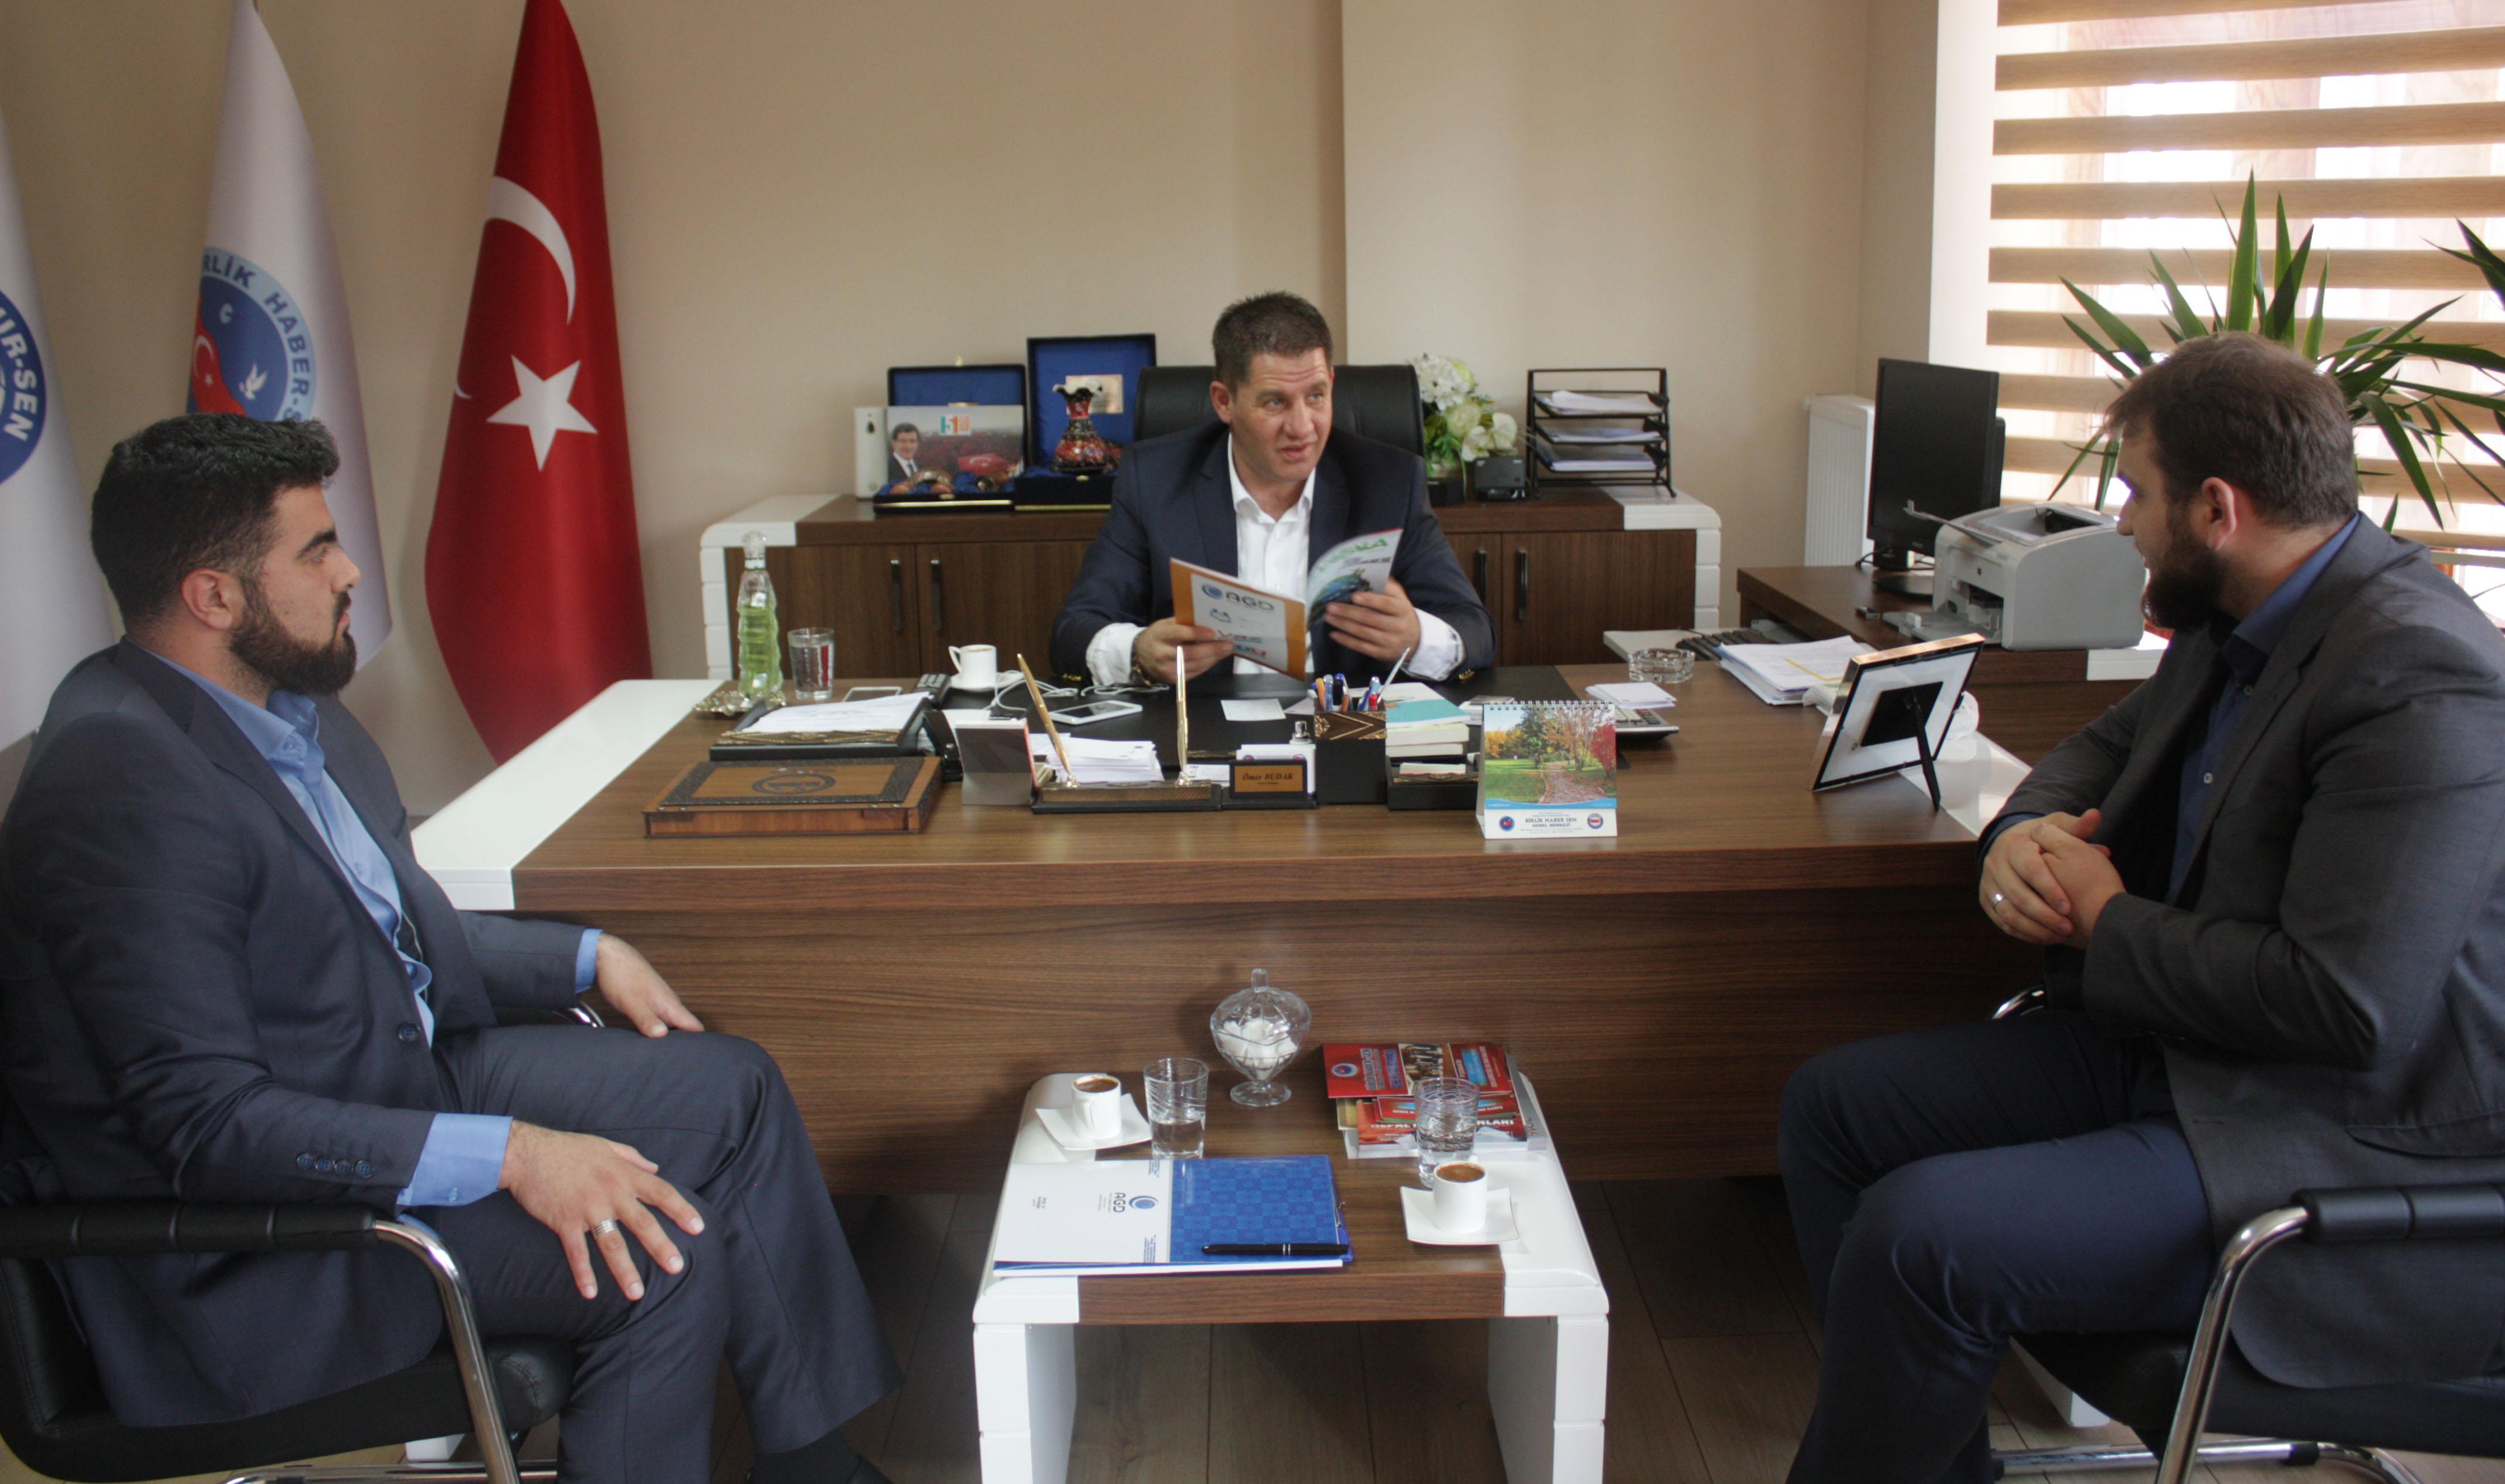 ANADOLU GENÇLİK DERNEĞİ'NDEN BİRLİK HABER-SEN'E ZİYARET